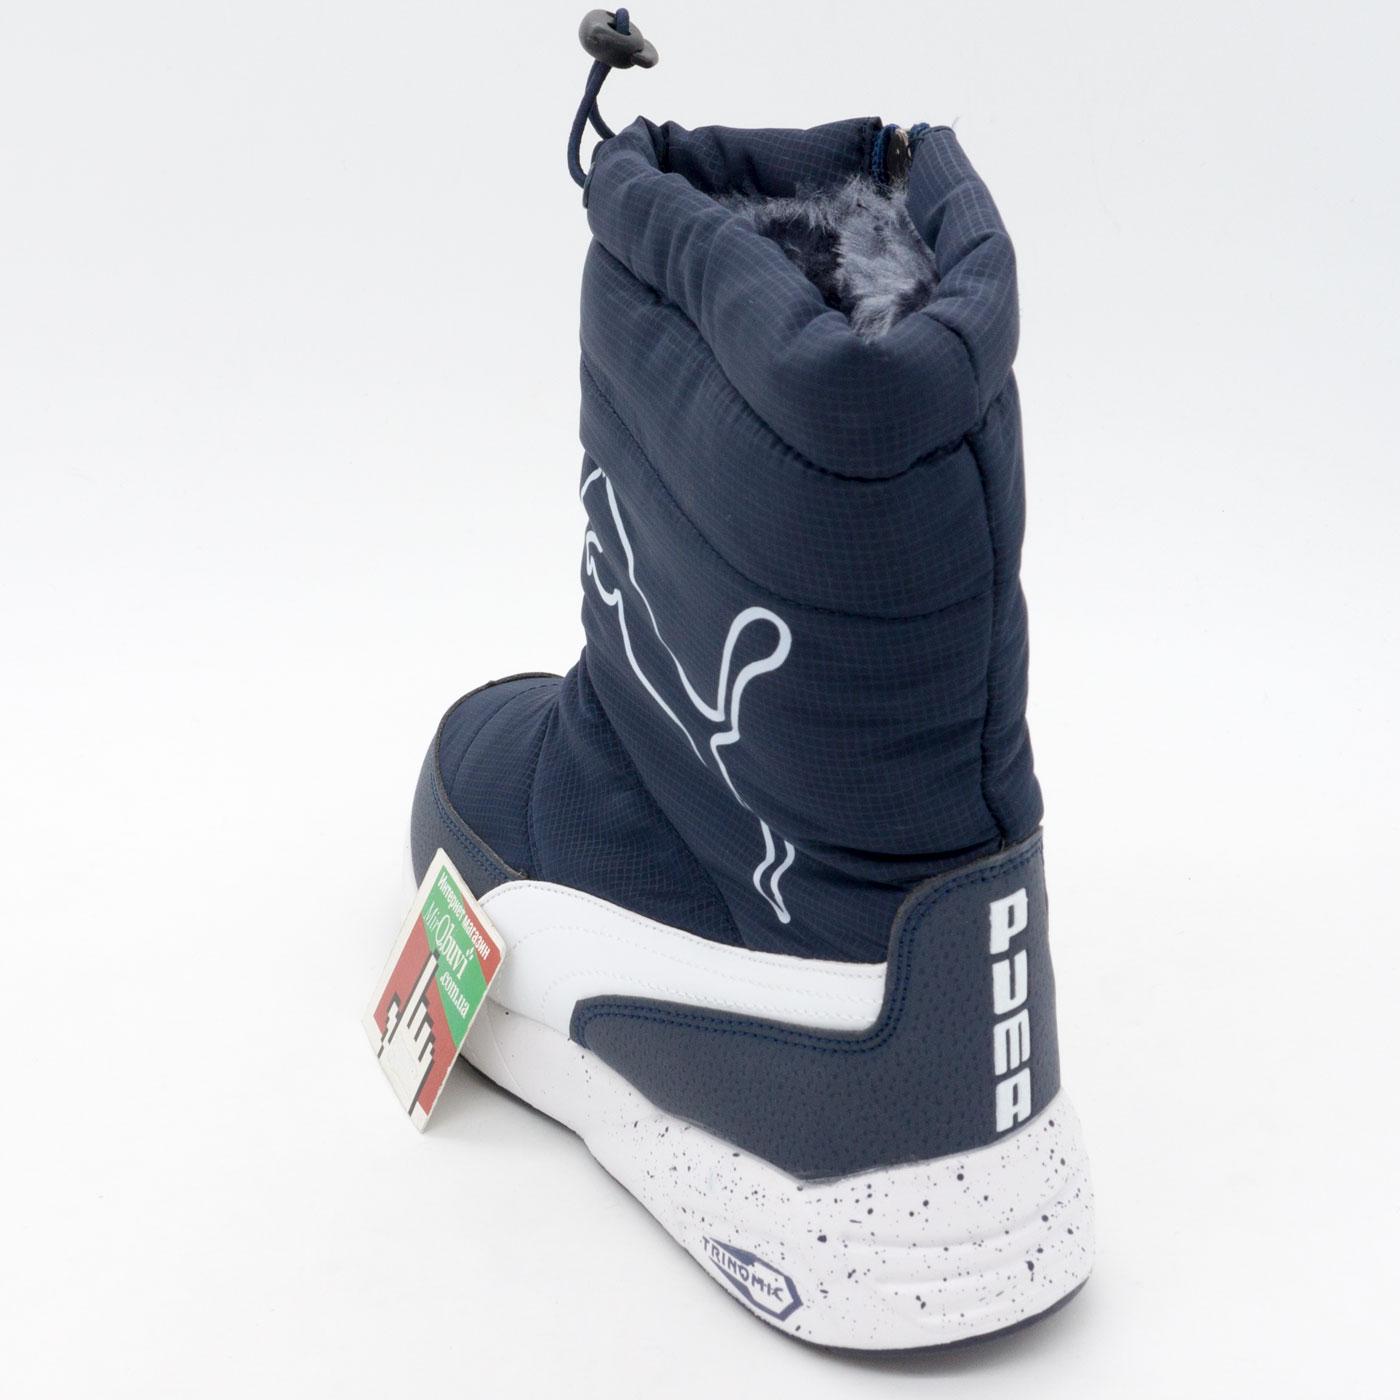 фото bottom Зимние женские синие дутики с мехом Puma bottom